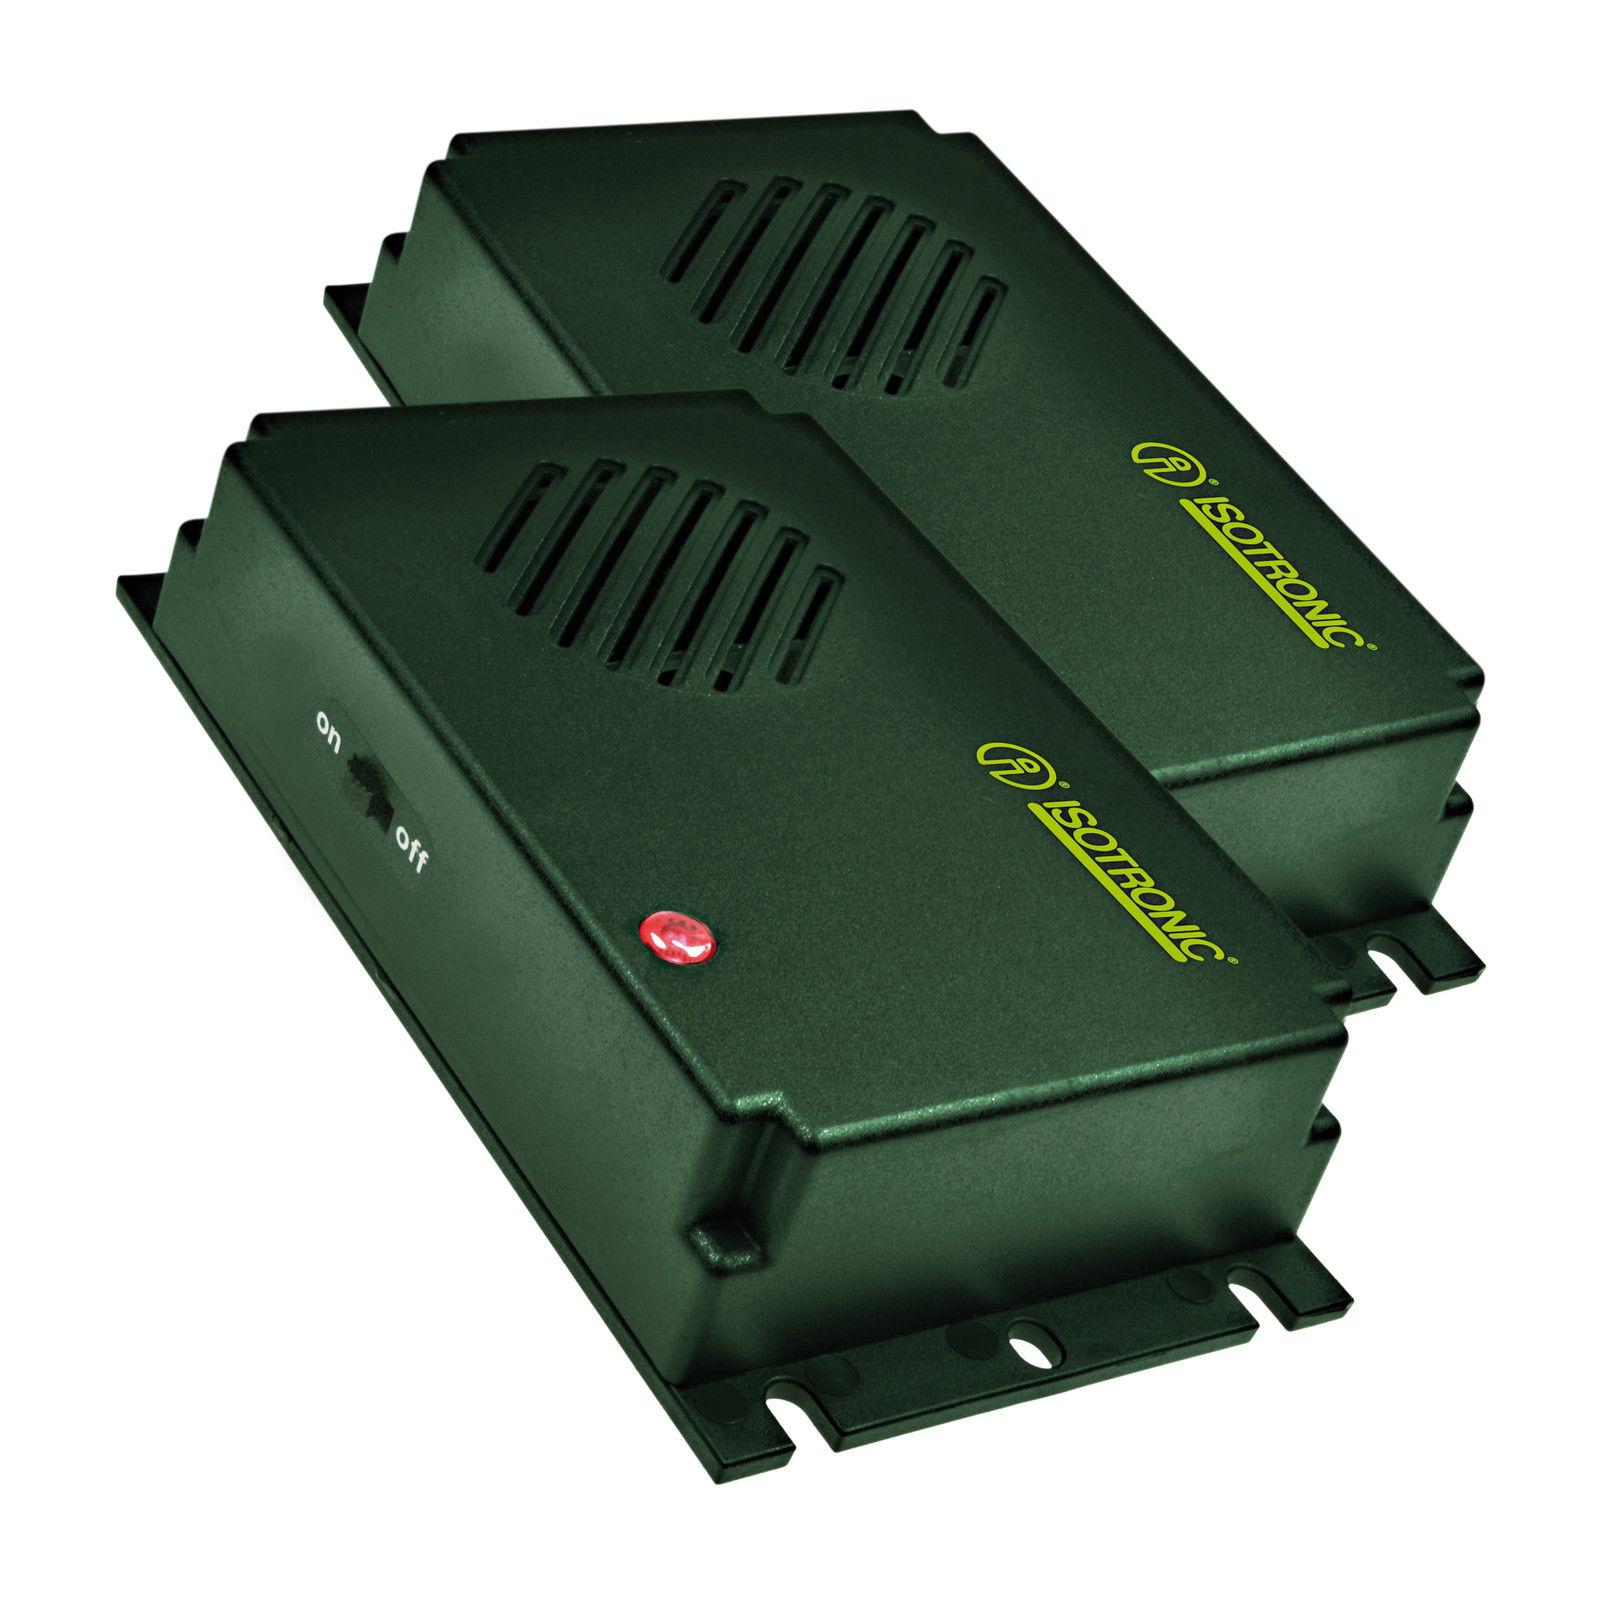 batteriebetriebener Hundeschreck /& Katzenvertreiber 2x ISOTRONIC Marderschreck